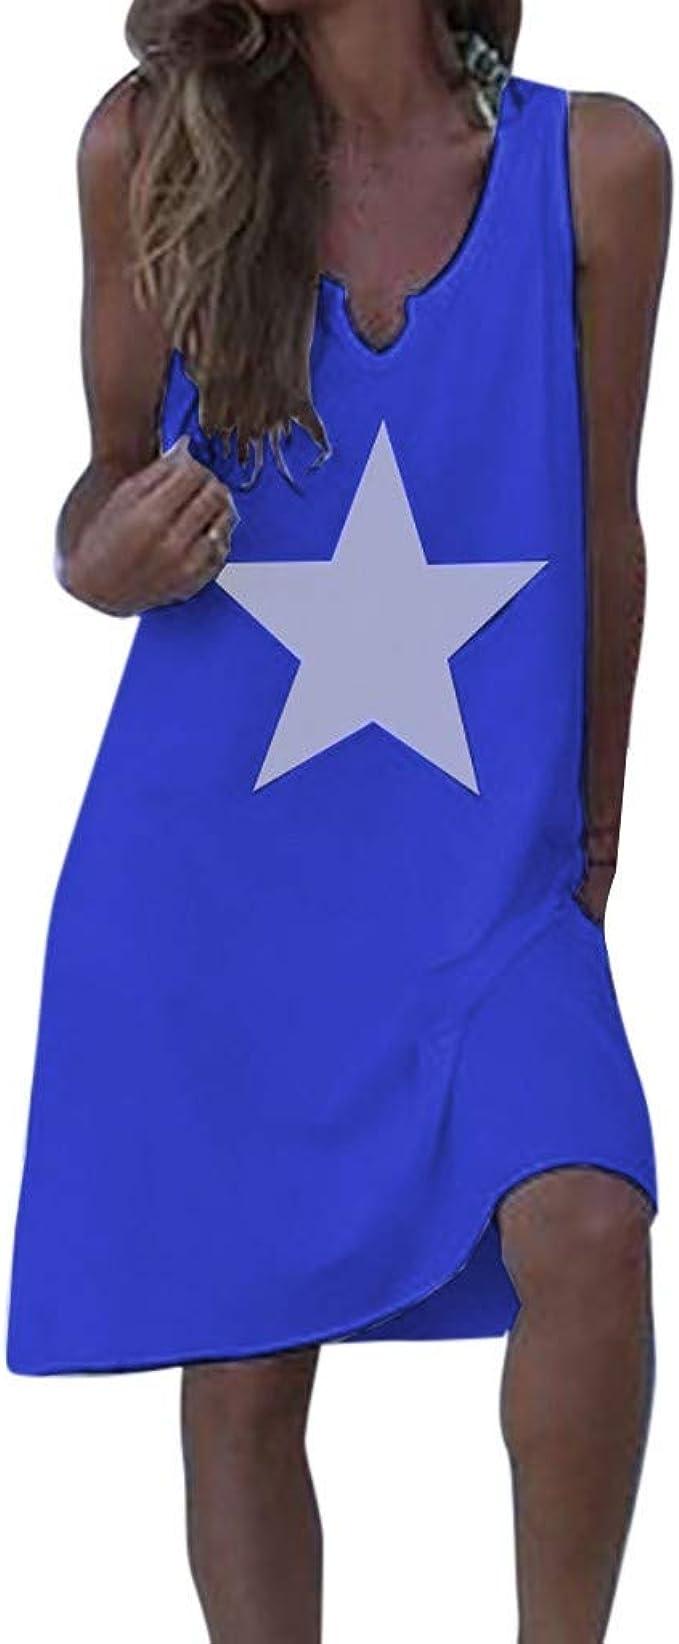 actancia Pijama Manga Larga bluson Dormir Camisas de Comprar Invierno Tienda Ropa Interior Camisa Cortas Mono Batas Seda para Dormir Hombre Ropa ...